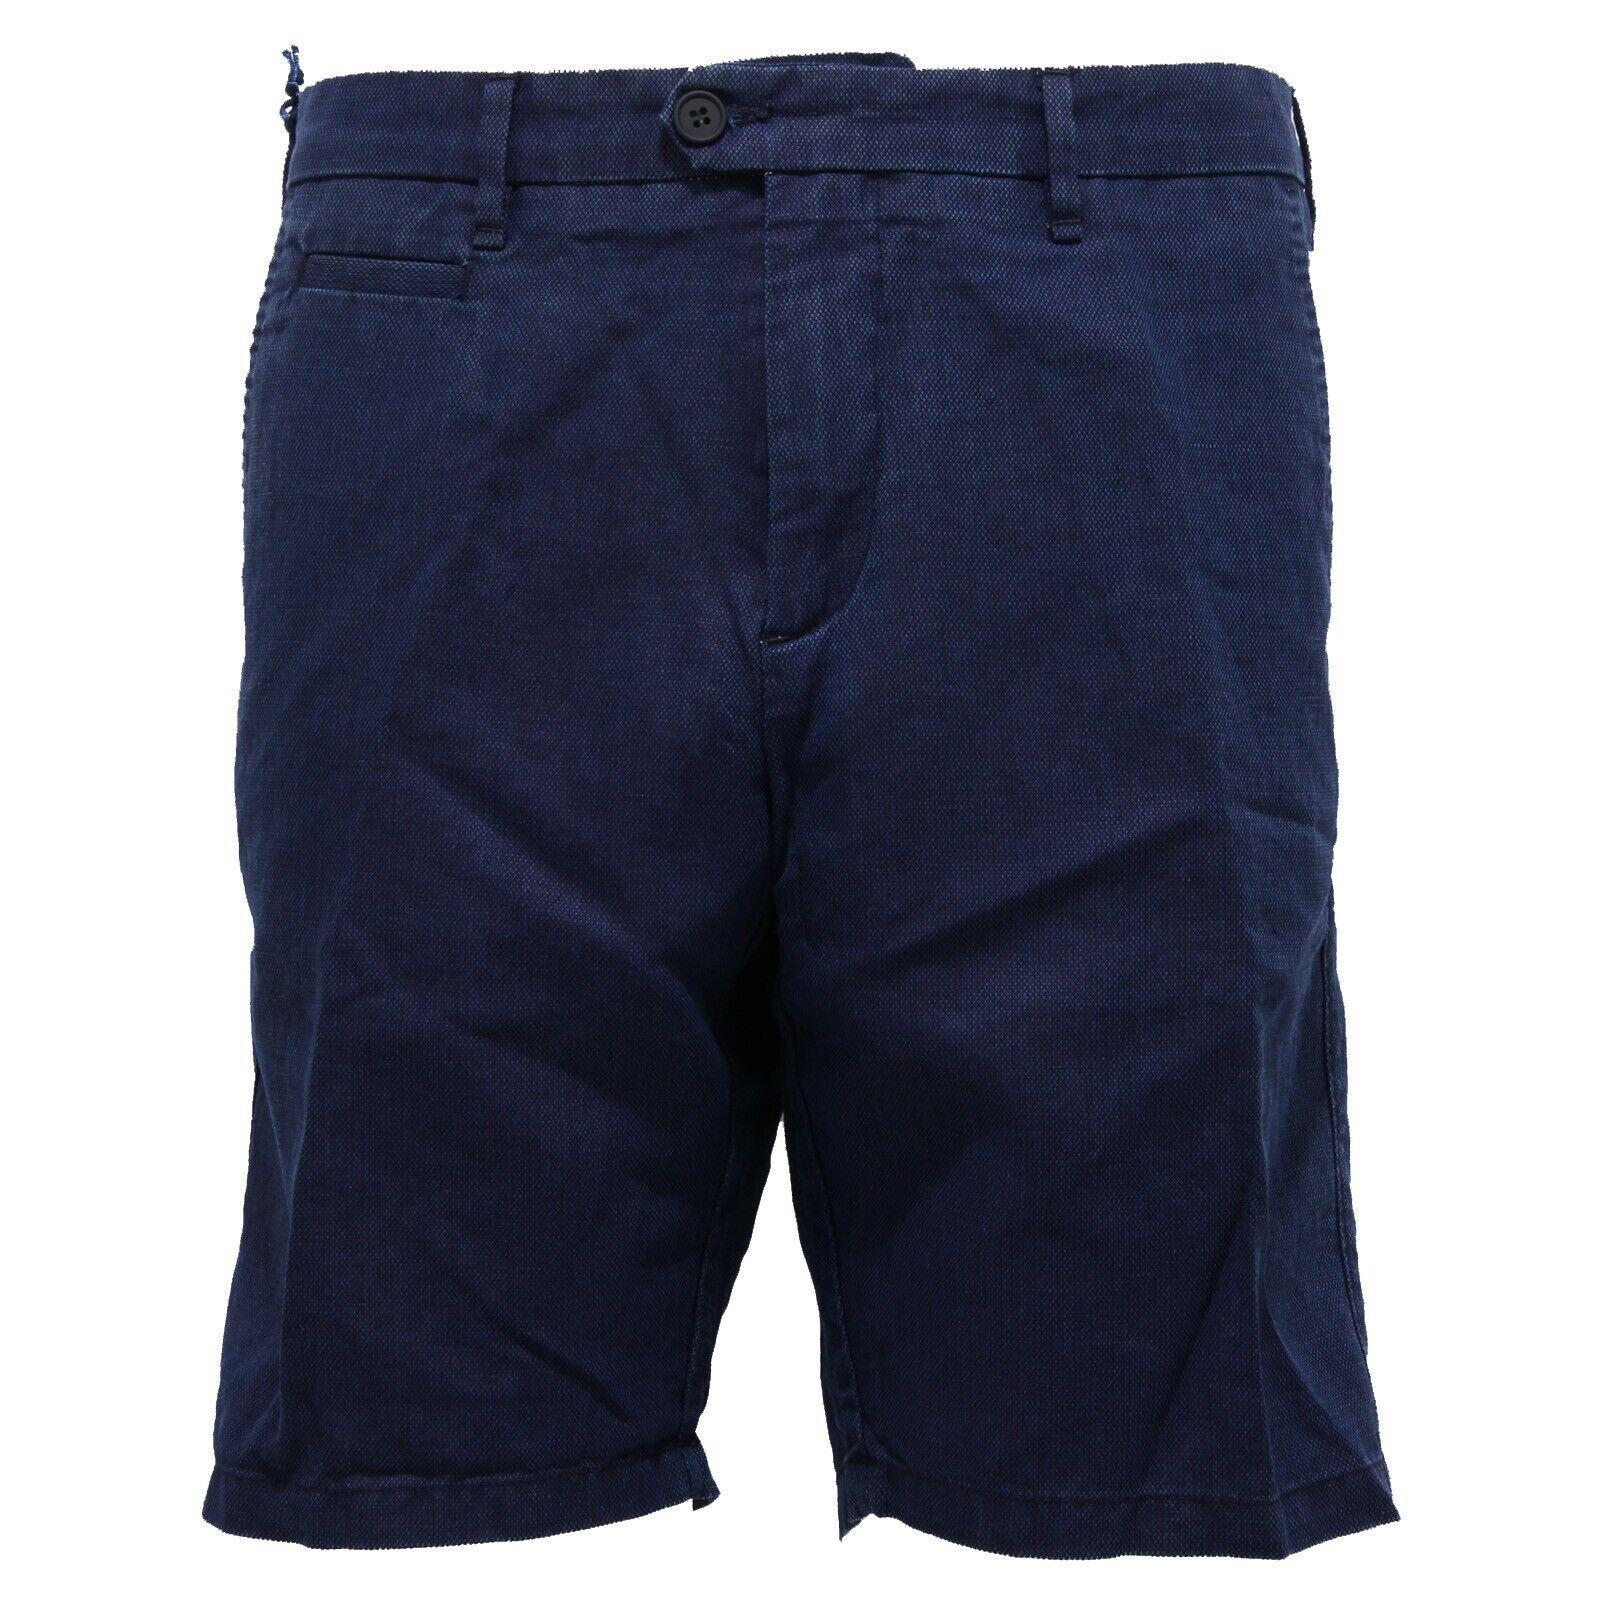 4474Z  BERMUDA hombres la perfección prenda teñido de lino azul corto hombre  el mas de moda